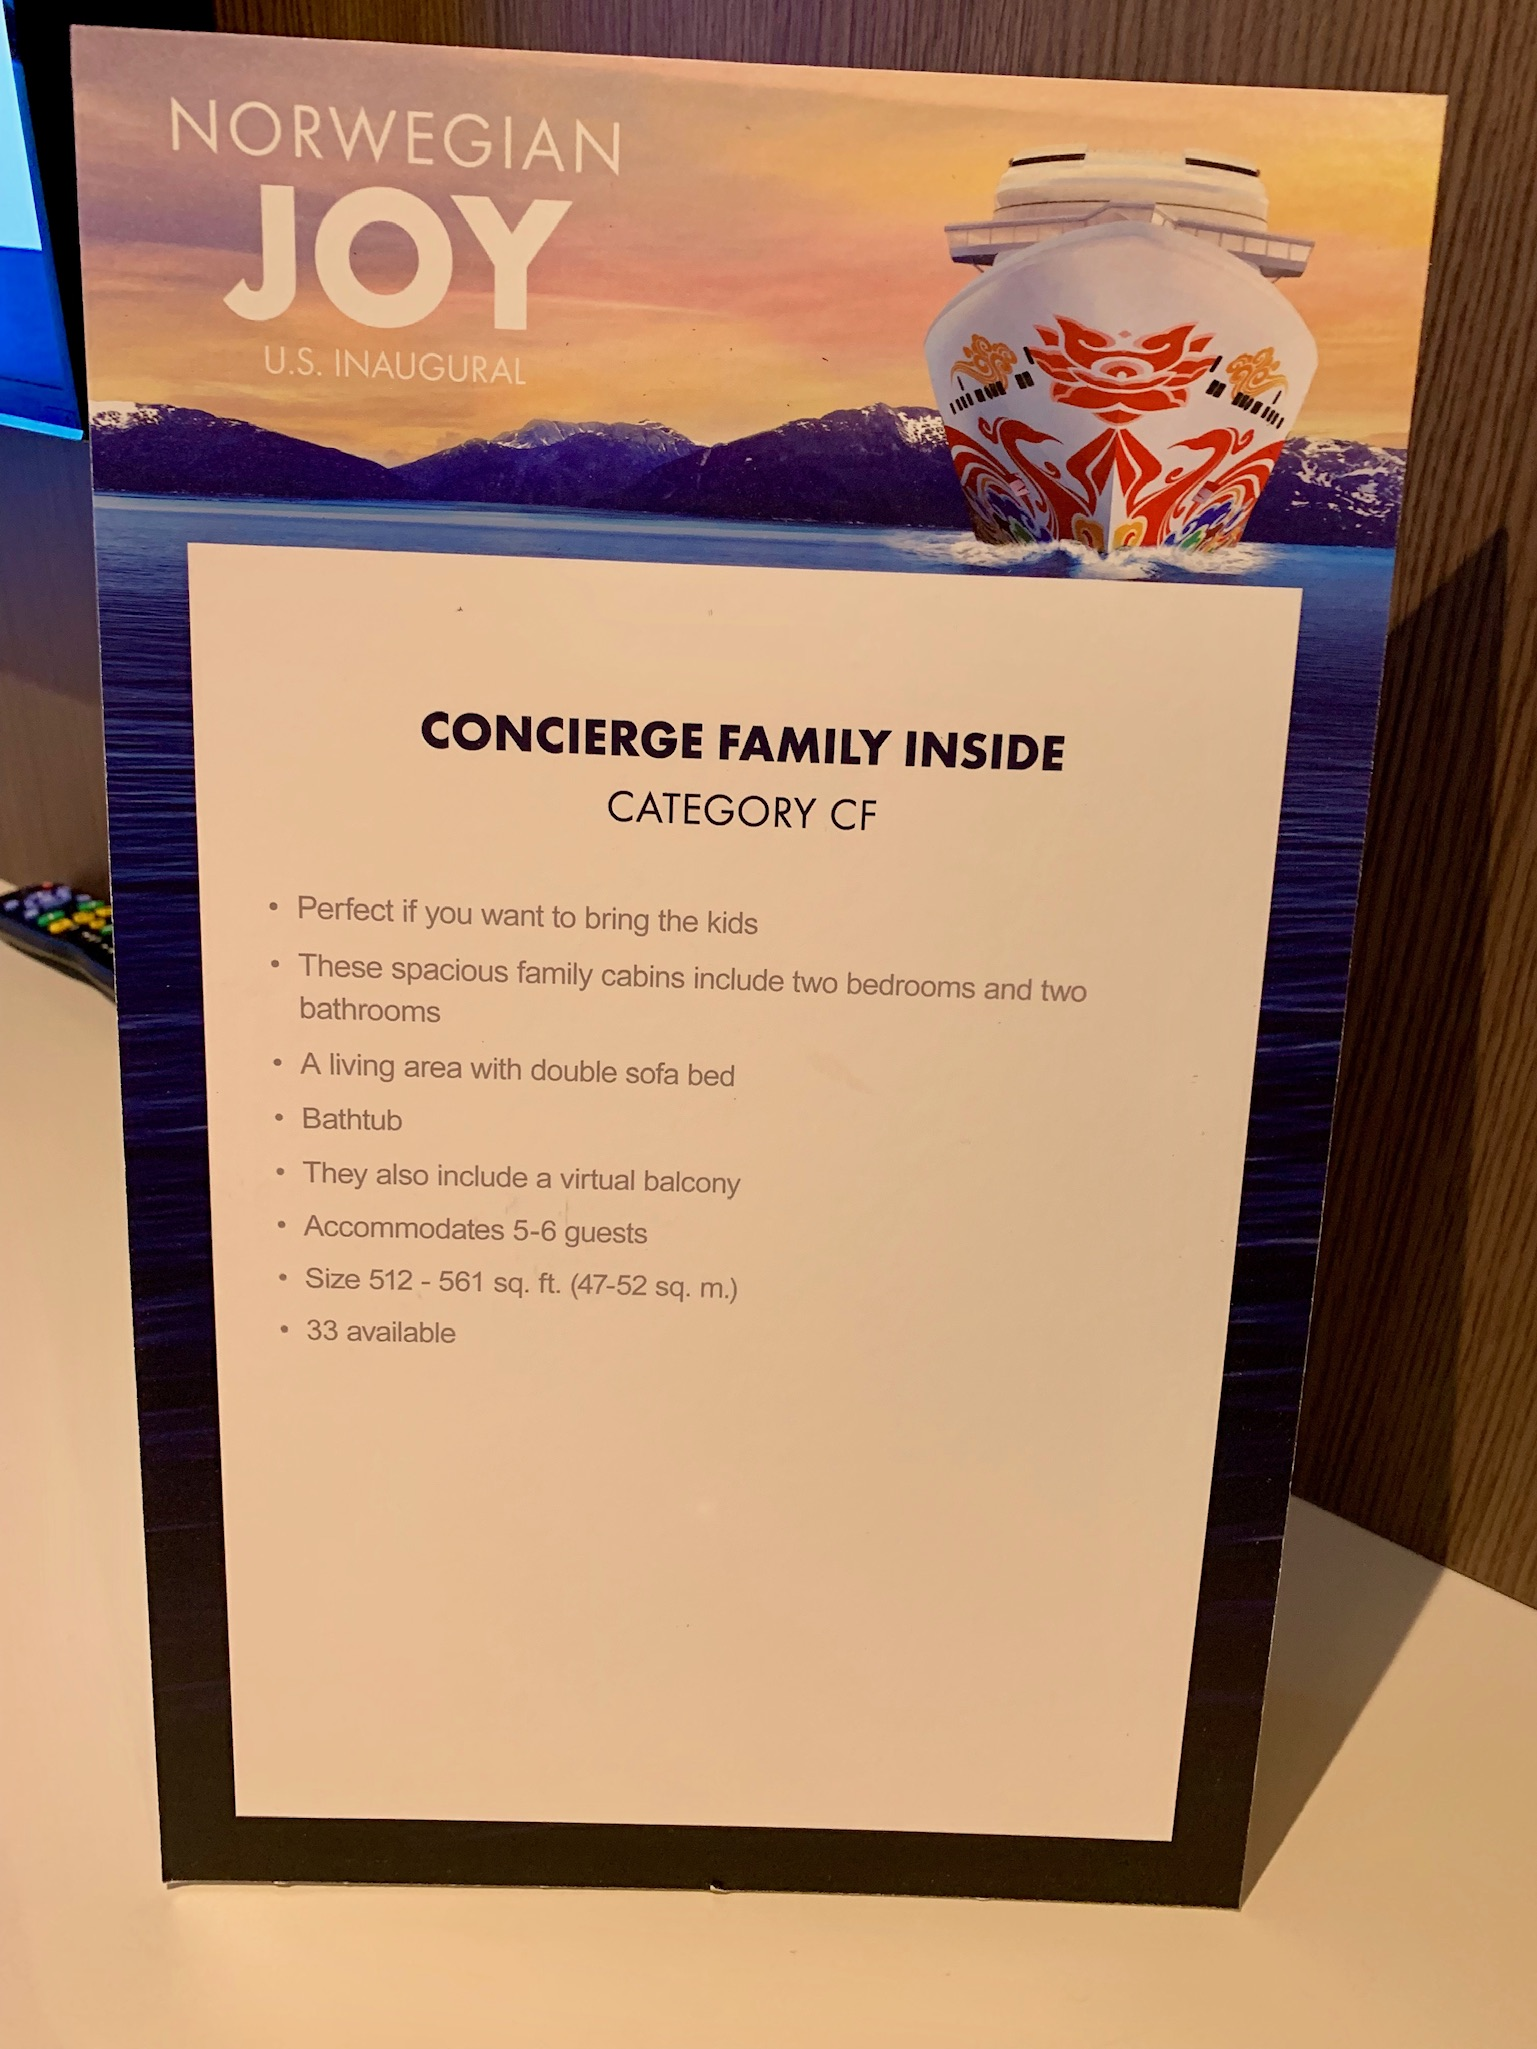 NCL Joy Concierge Family Suite